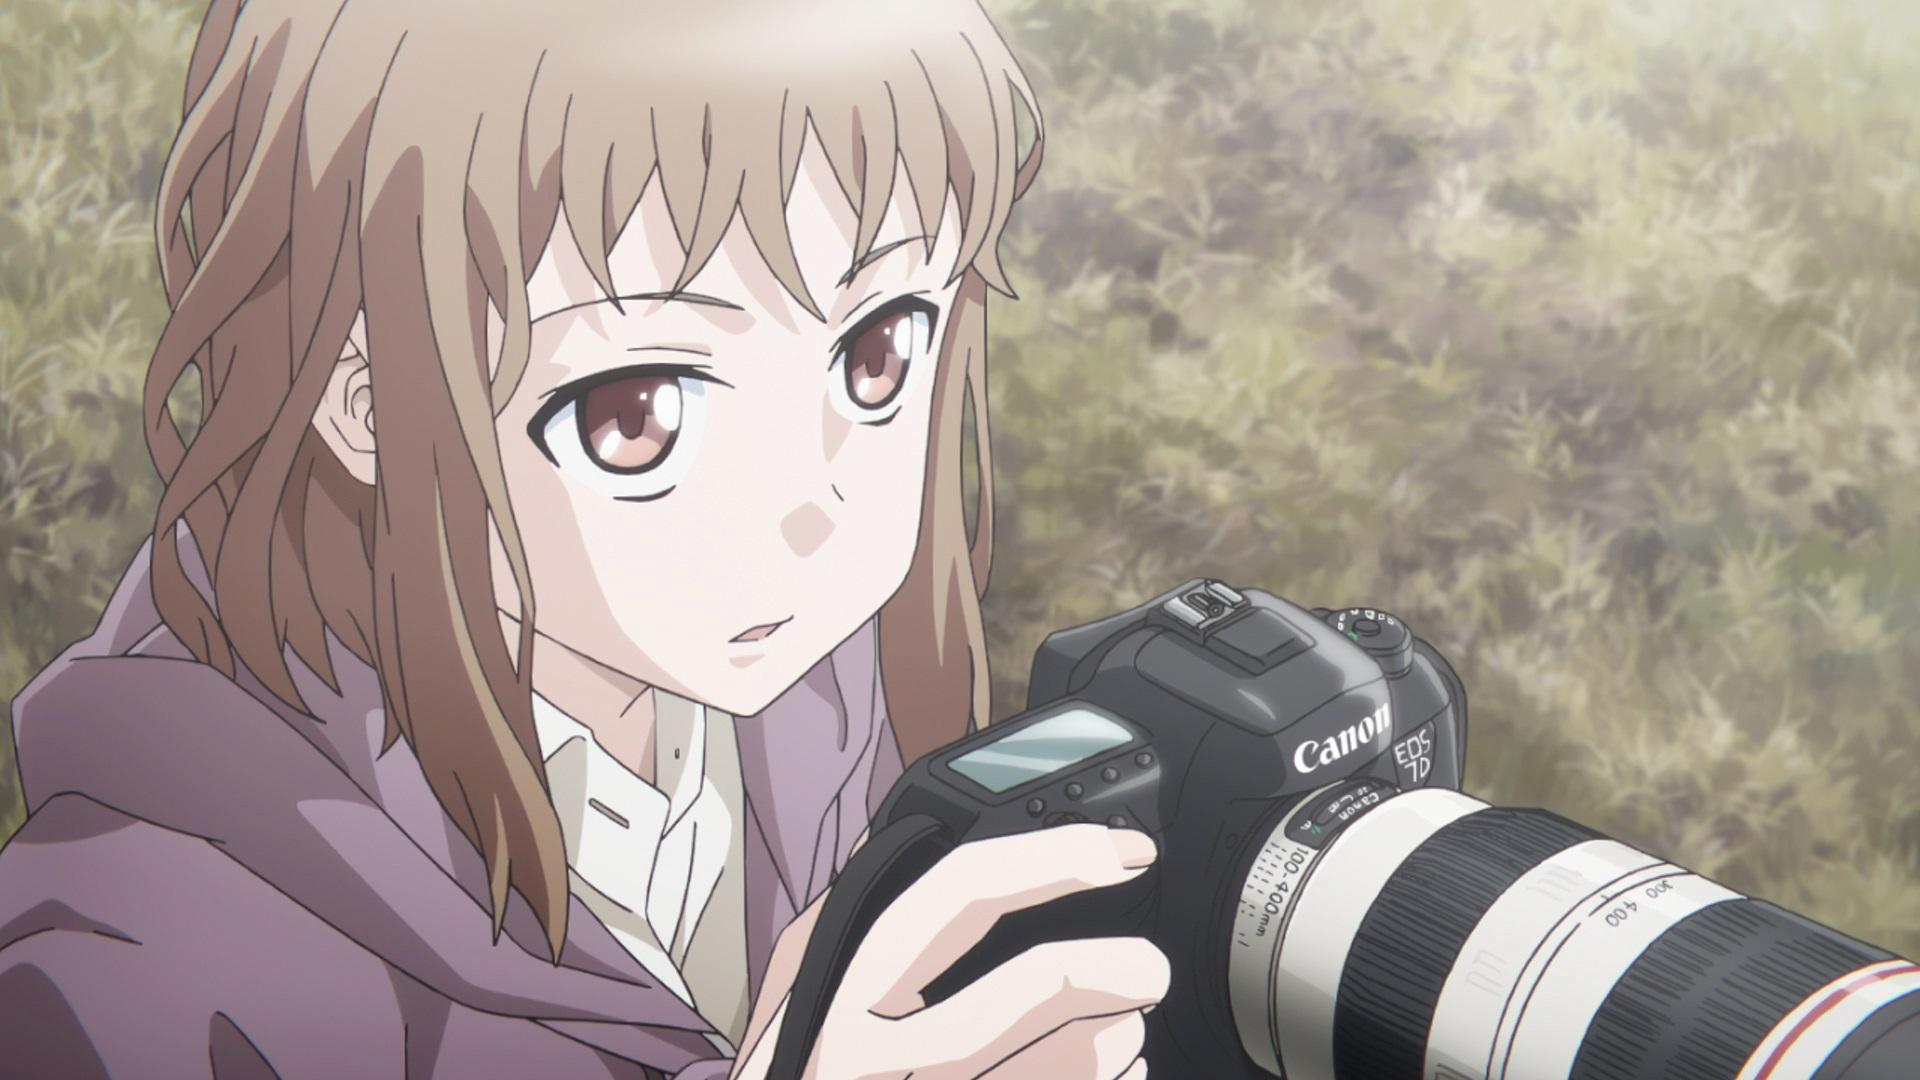 テレビアニメ Just Because にキヤノンが協力 キヤノン株式会社の